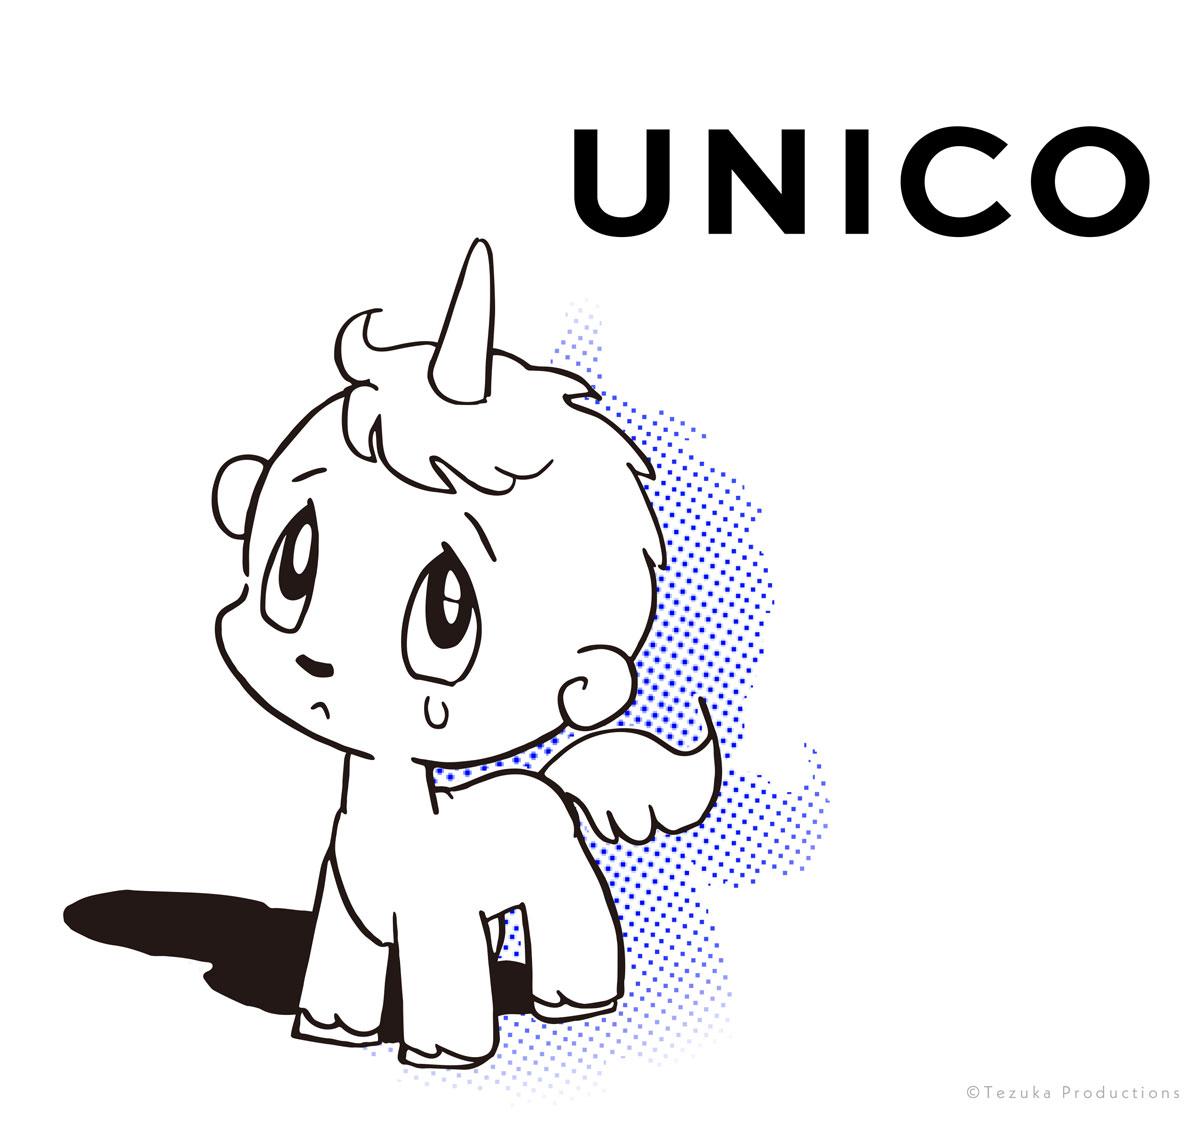 ユニコについて